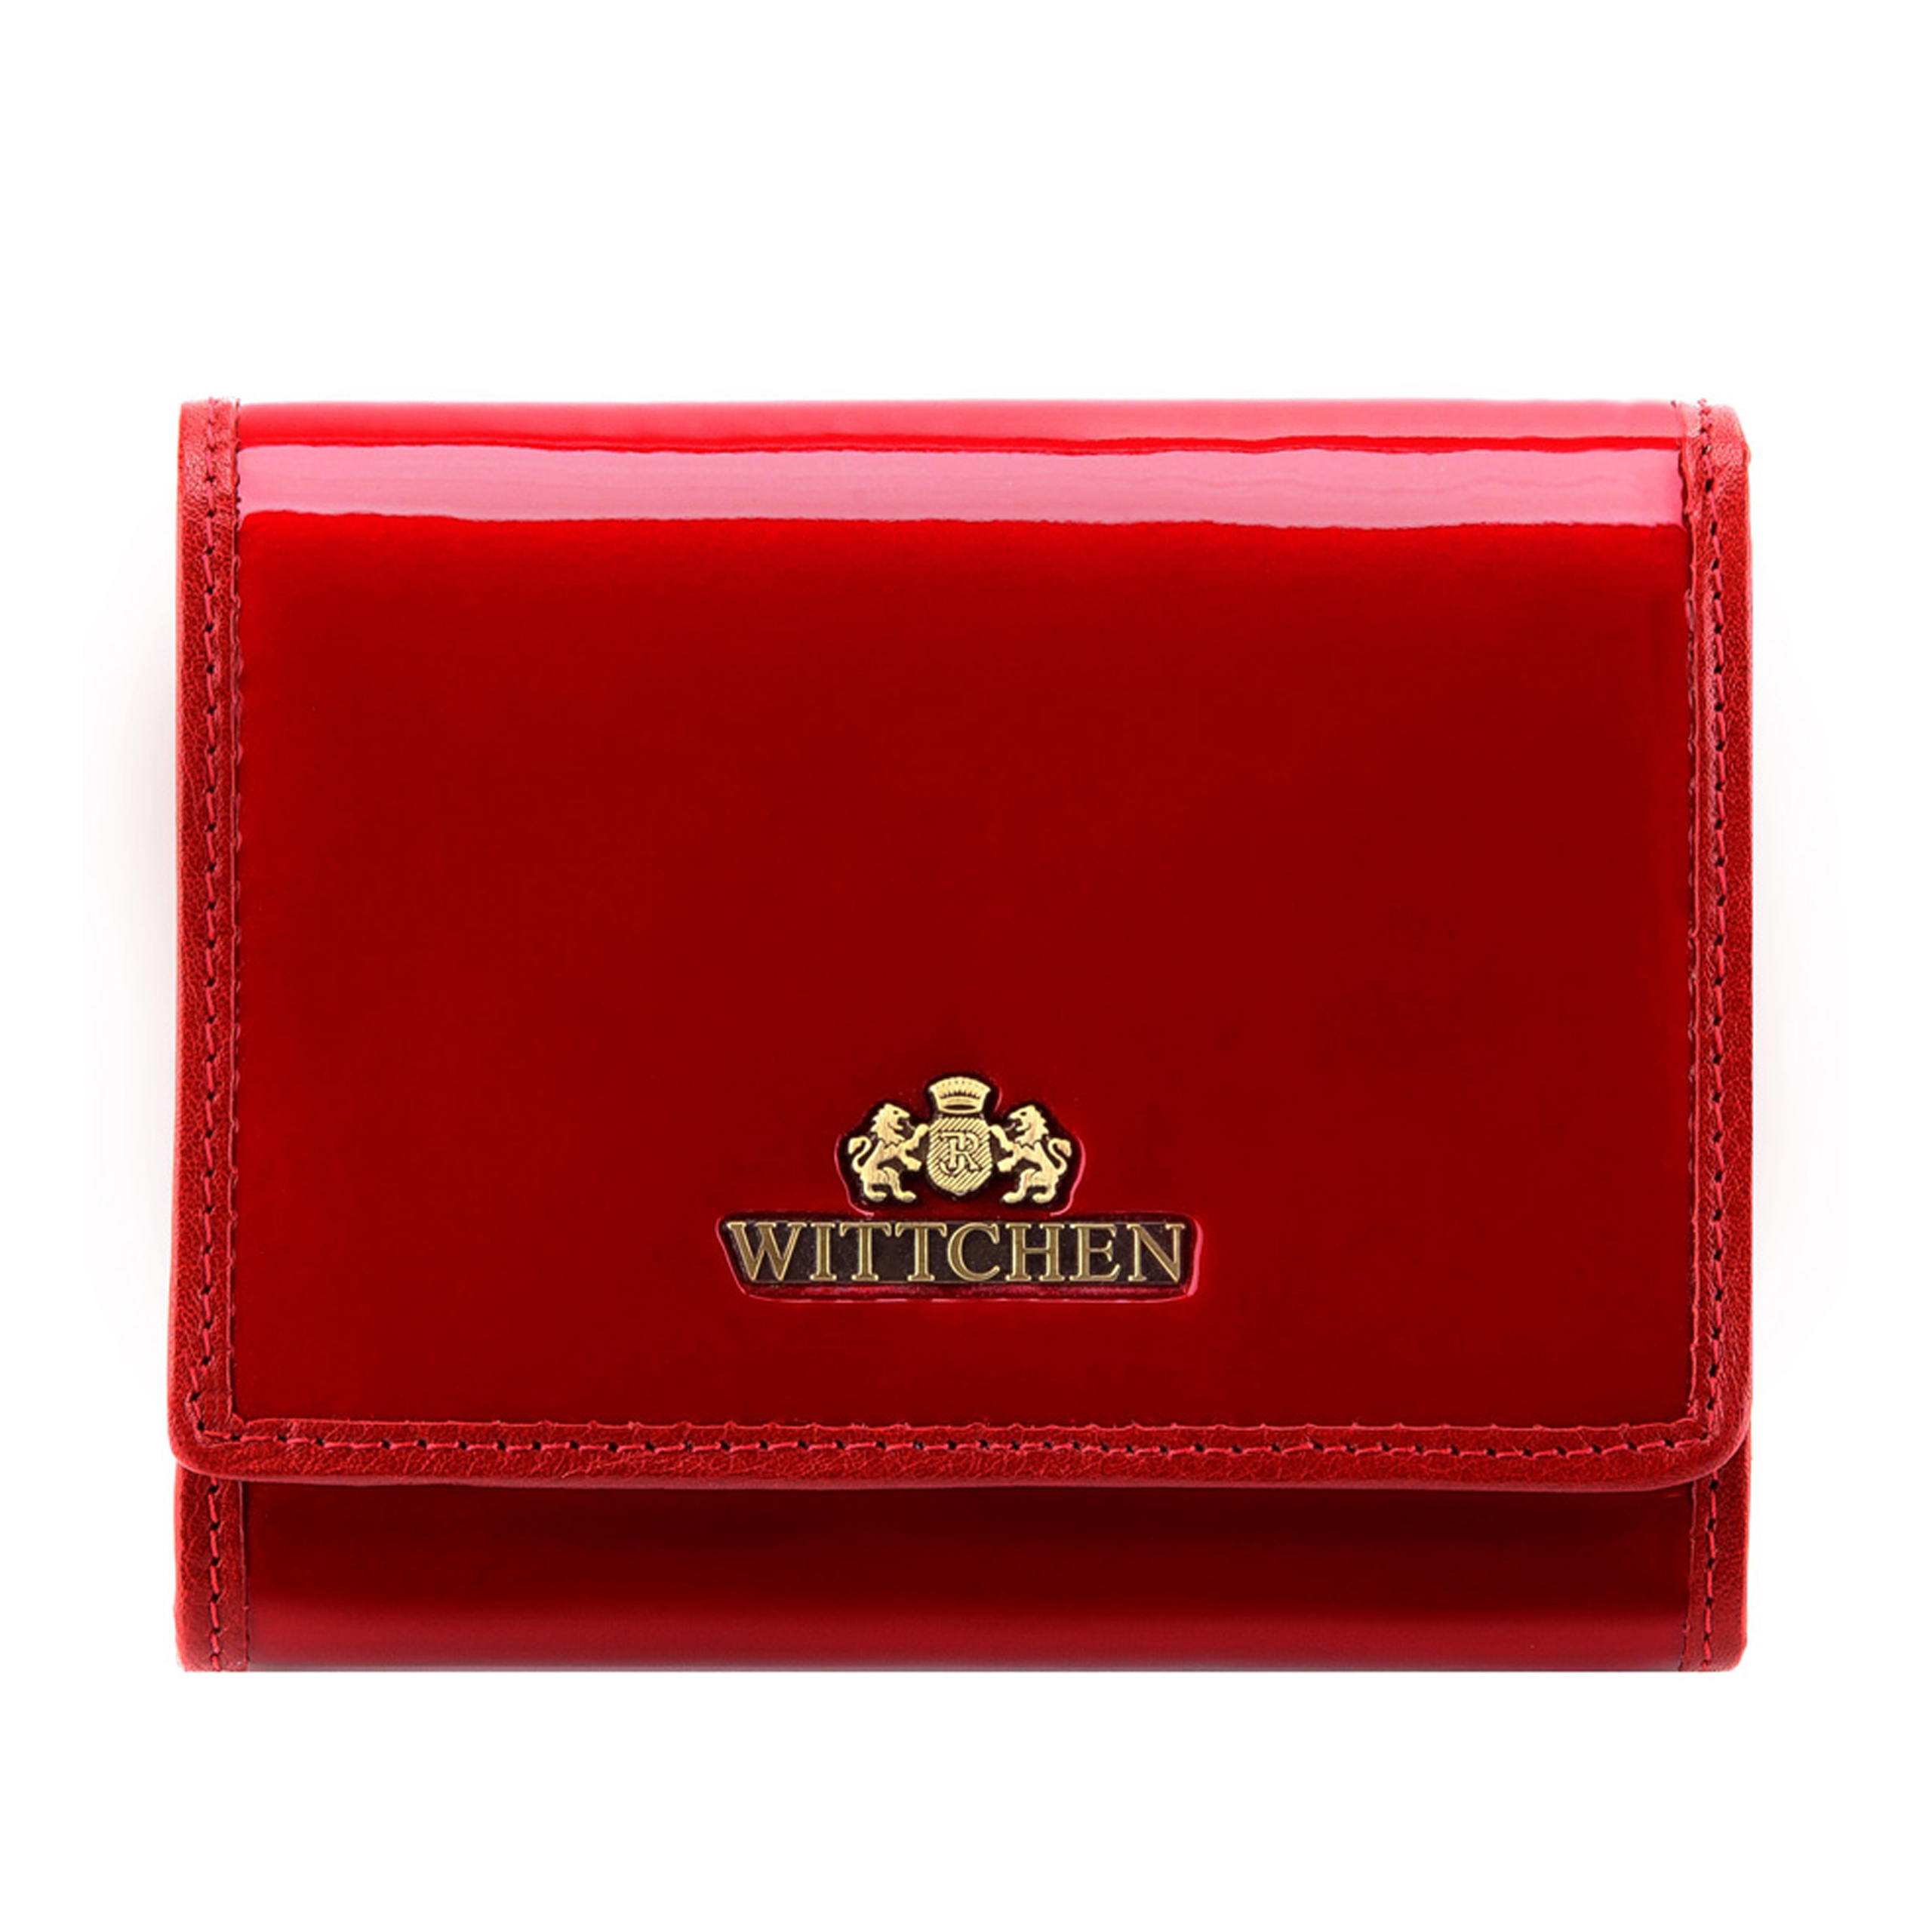 14b4acfa8cb67 New Line - Portfel Wittchen Verona damski 25-1-070-3 czerwona ...